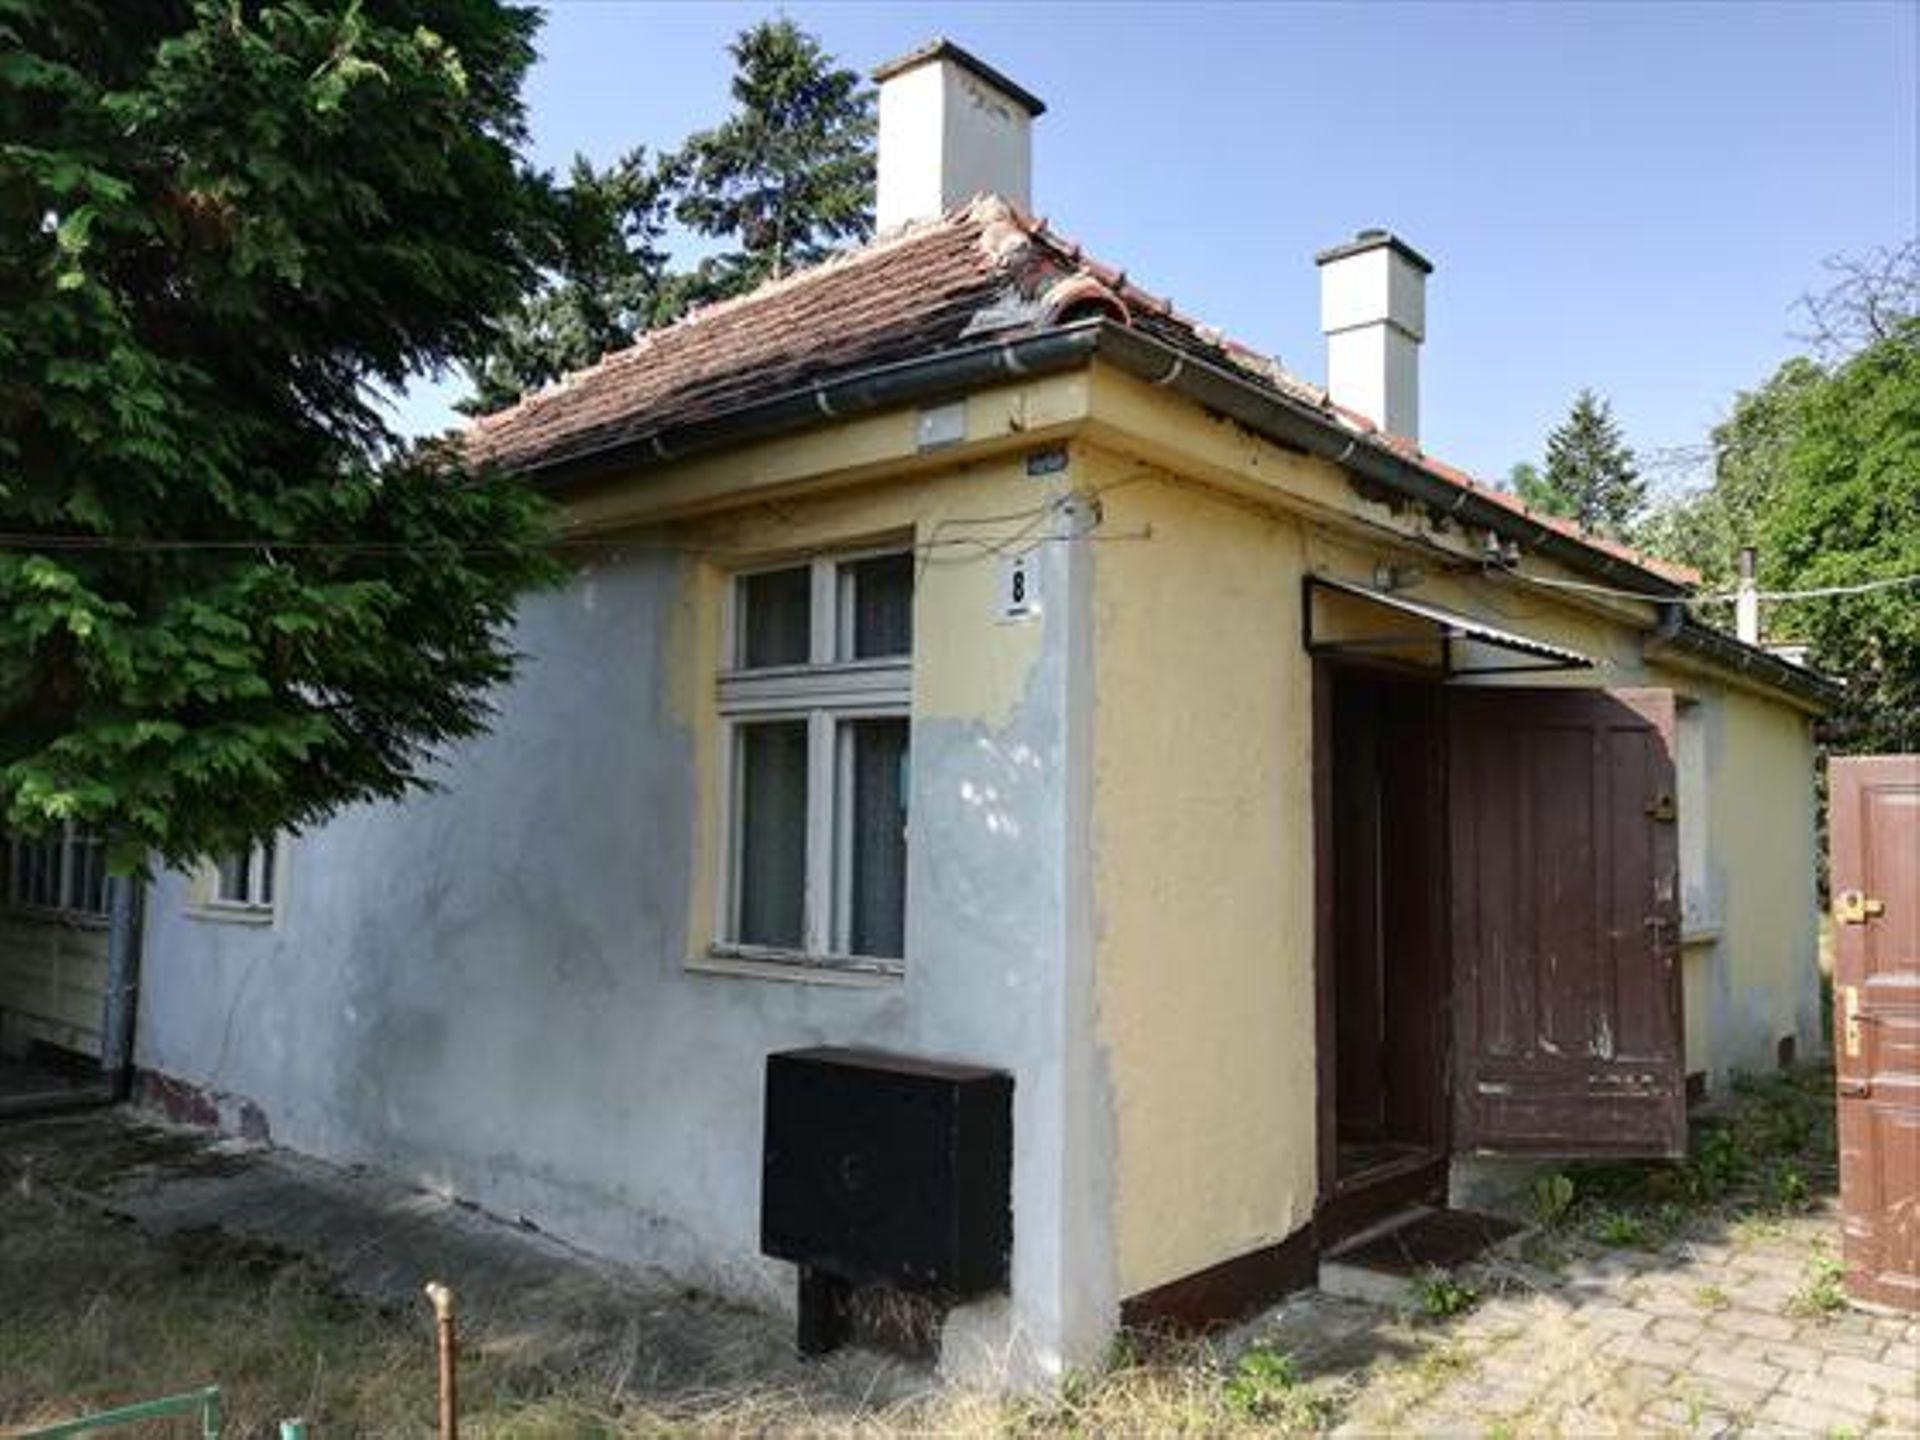 Wrocław: Miasto planuje sprzedaż domu na Biskupinie bez planu miejscowego